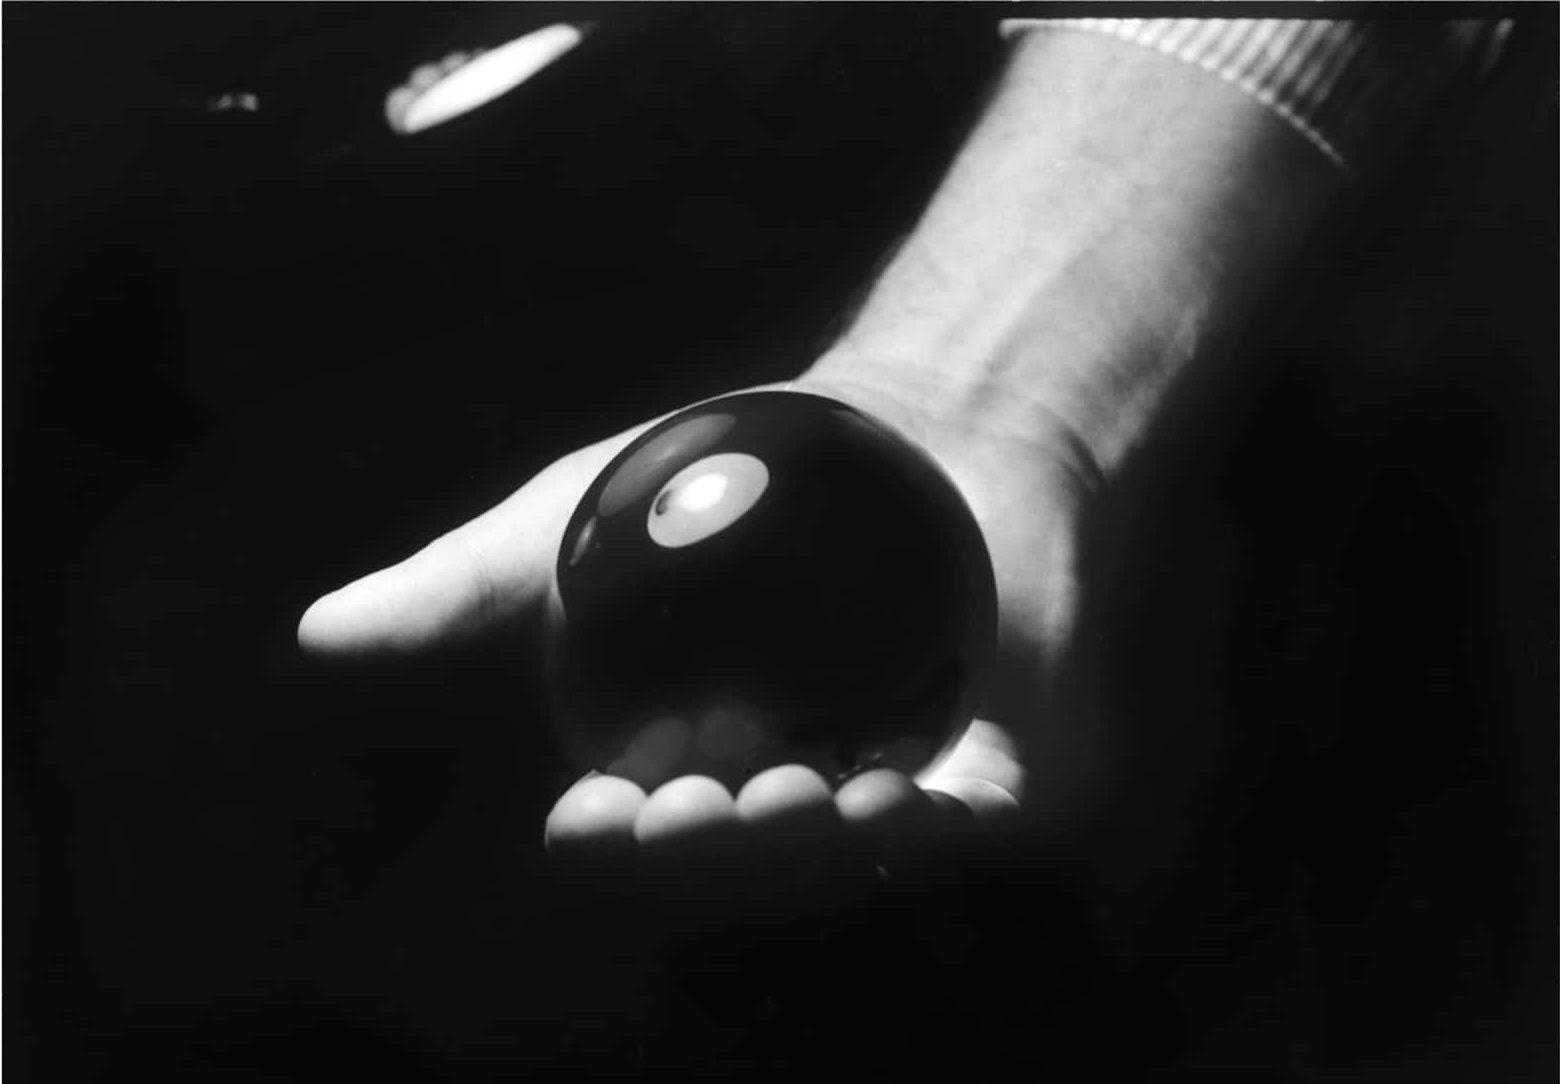 9 Ball of Pu